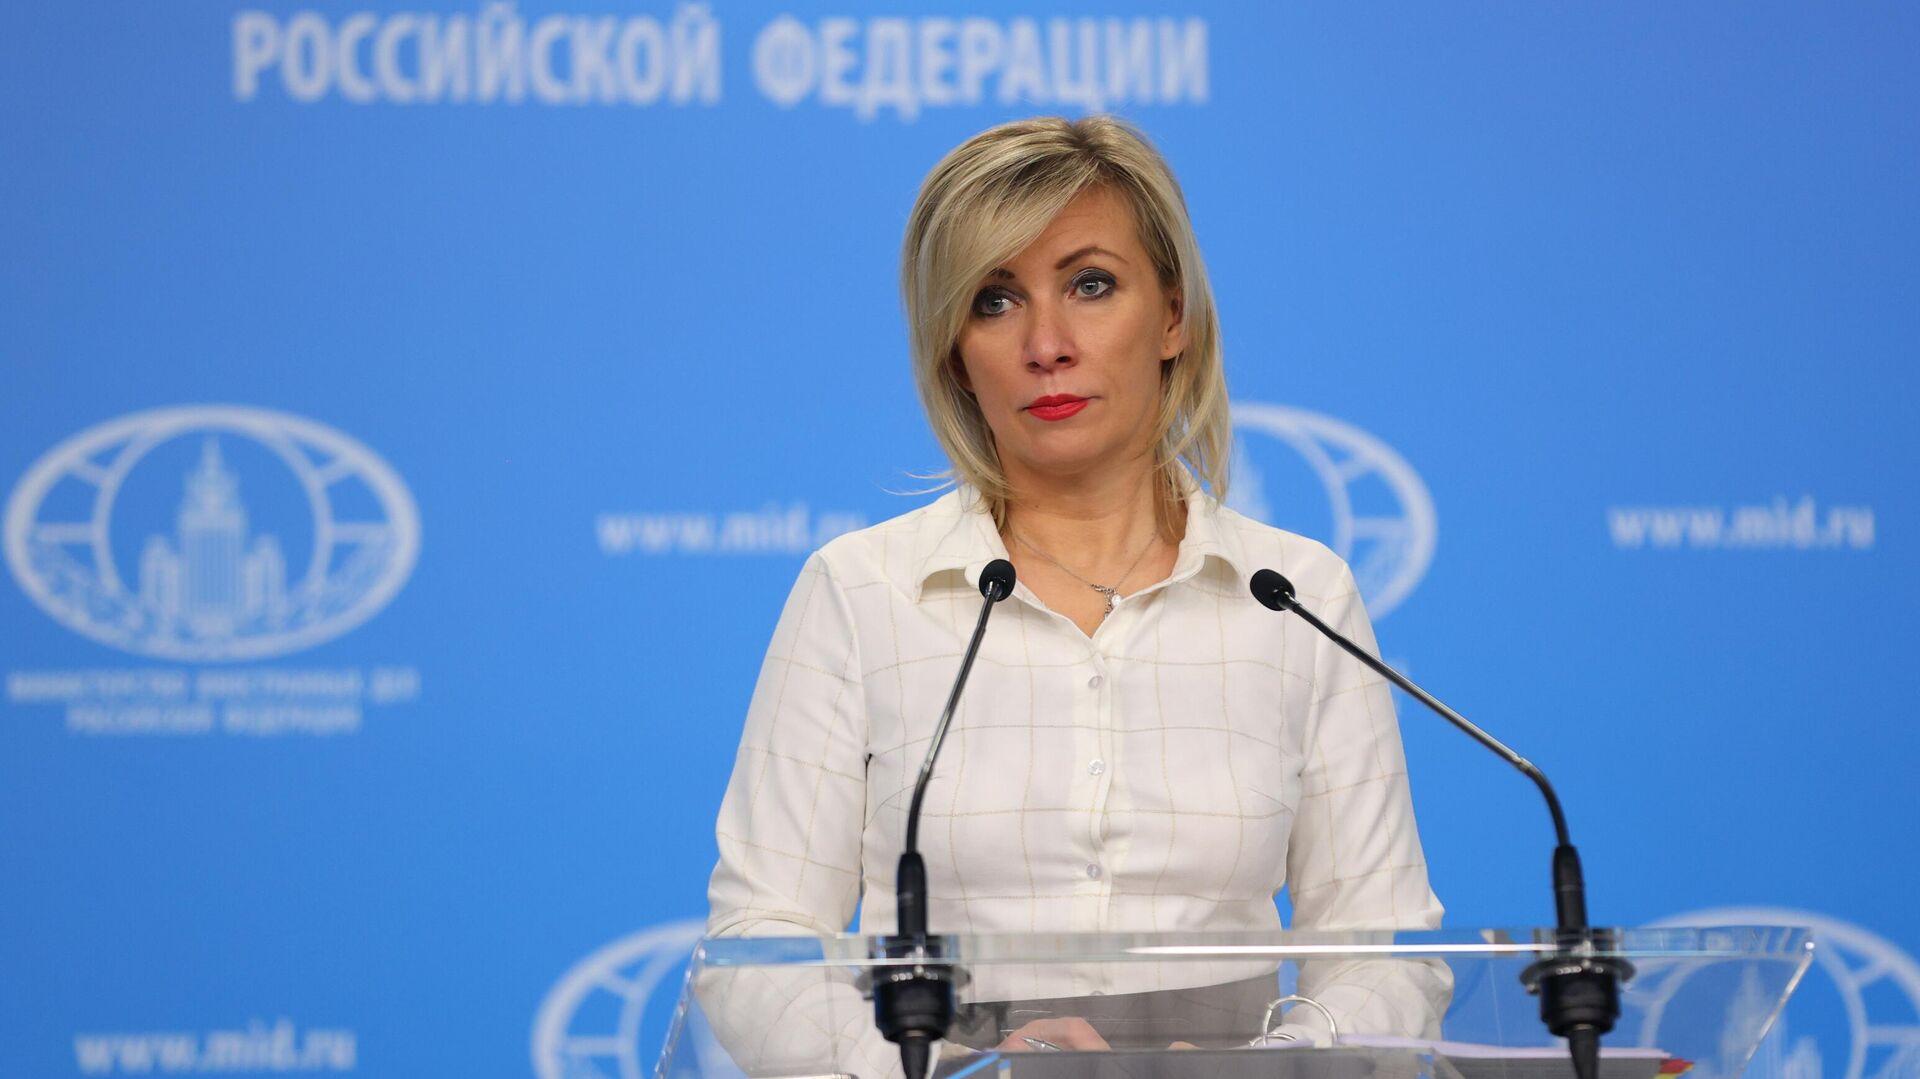 """Захарова рассказала о """"подходах"""" американских спецслужб к журналистам"""